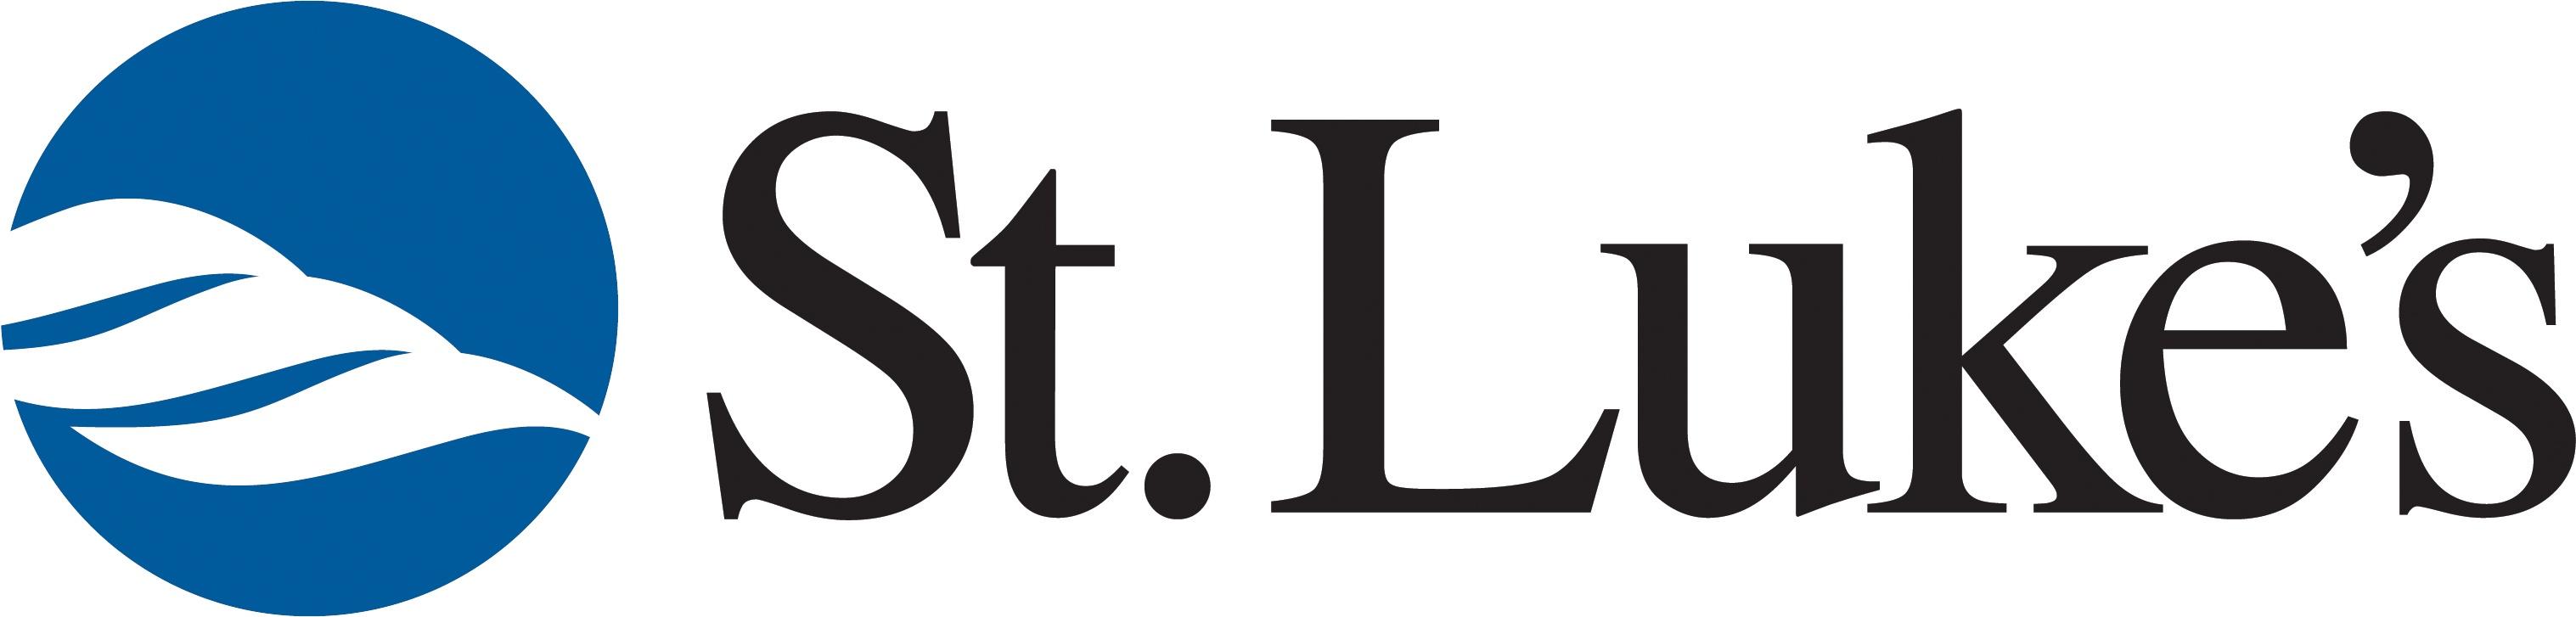 St. Luke's-logo.jpg